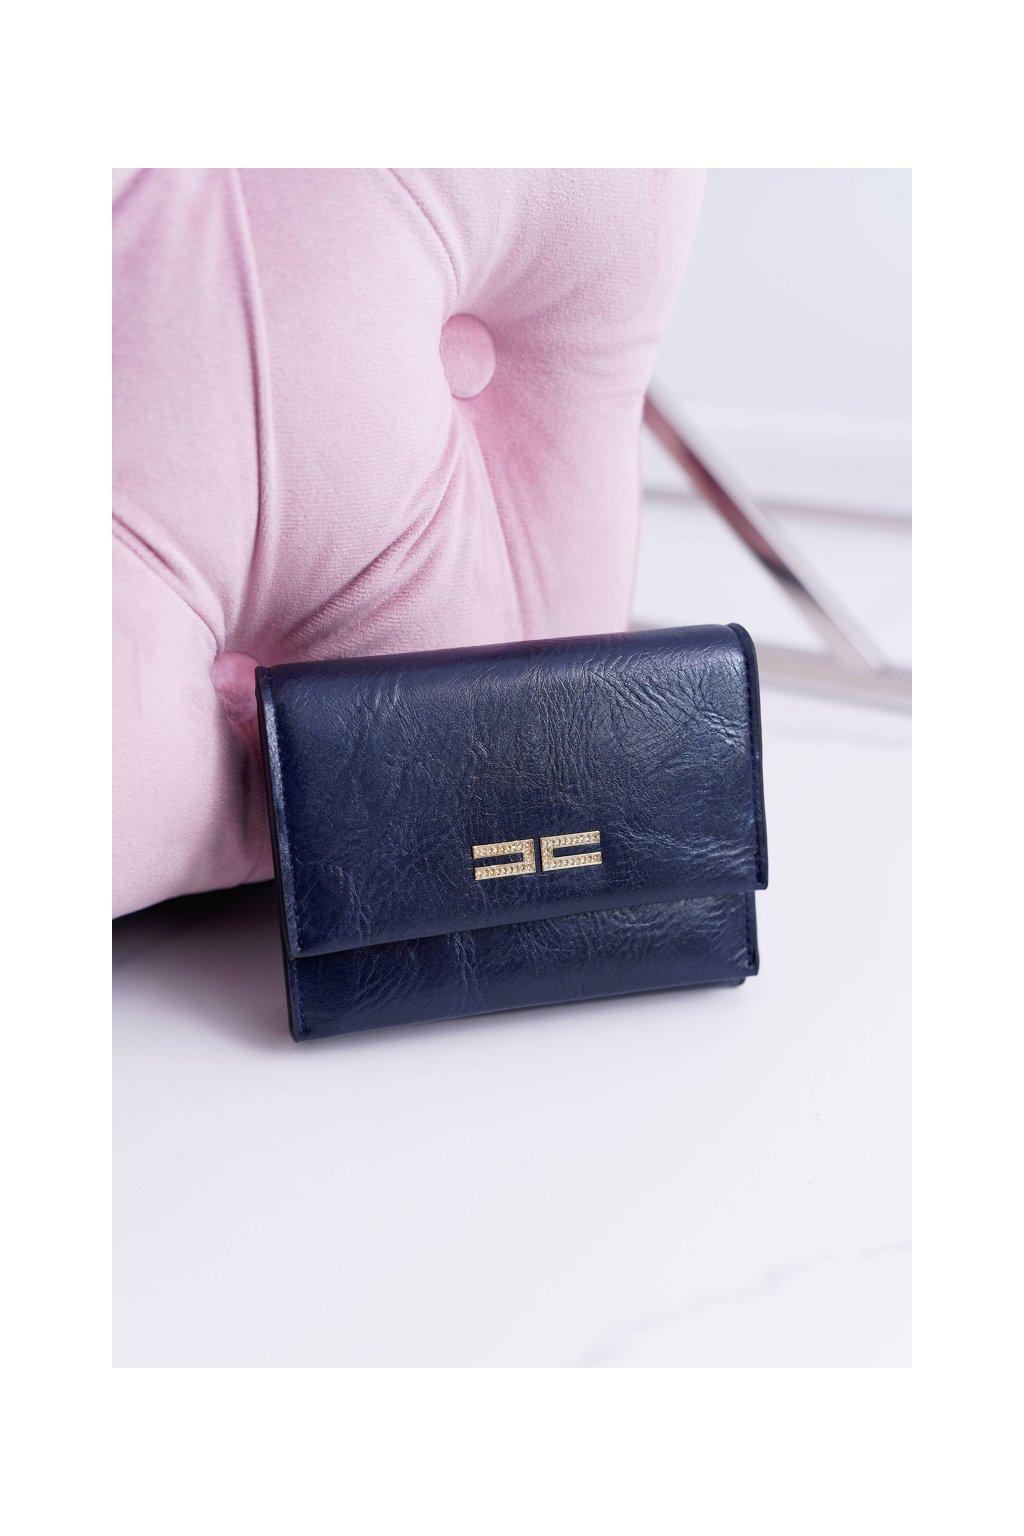 Dámska Peňaženka Klasická Malá Tmavá Modrá Na Magnet